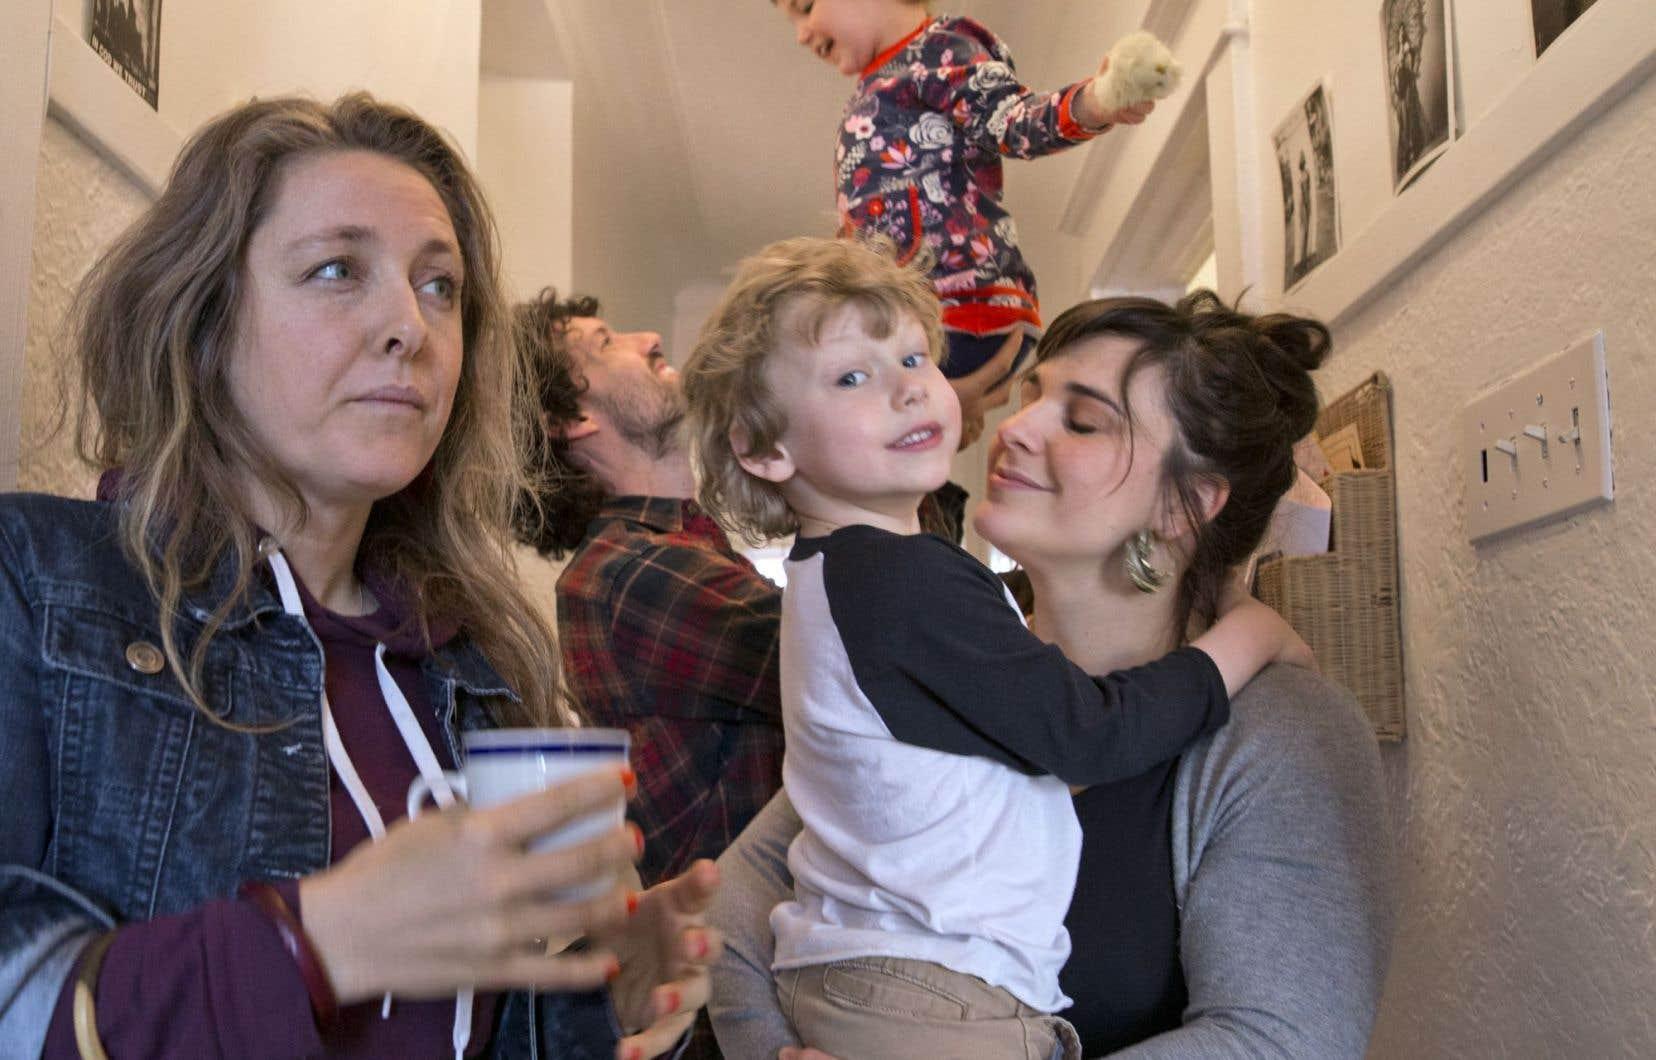 Rafaëlle Sinave, Philippe Lavallée et Maude Ménard-Dunn, ces derniers en compagnie de leurs enfants Margot et Rémi, sont du groupe de cinq Montréalais qui ont décidé de parrainer les Darwish.